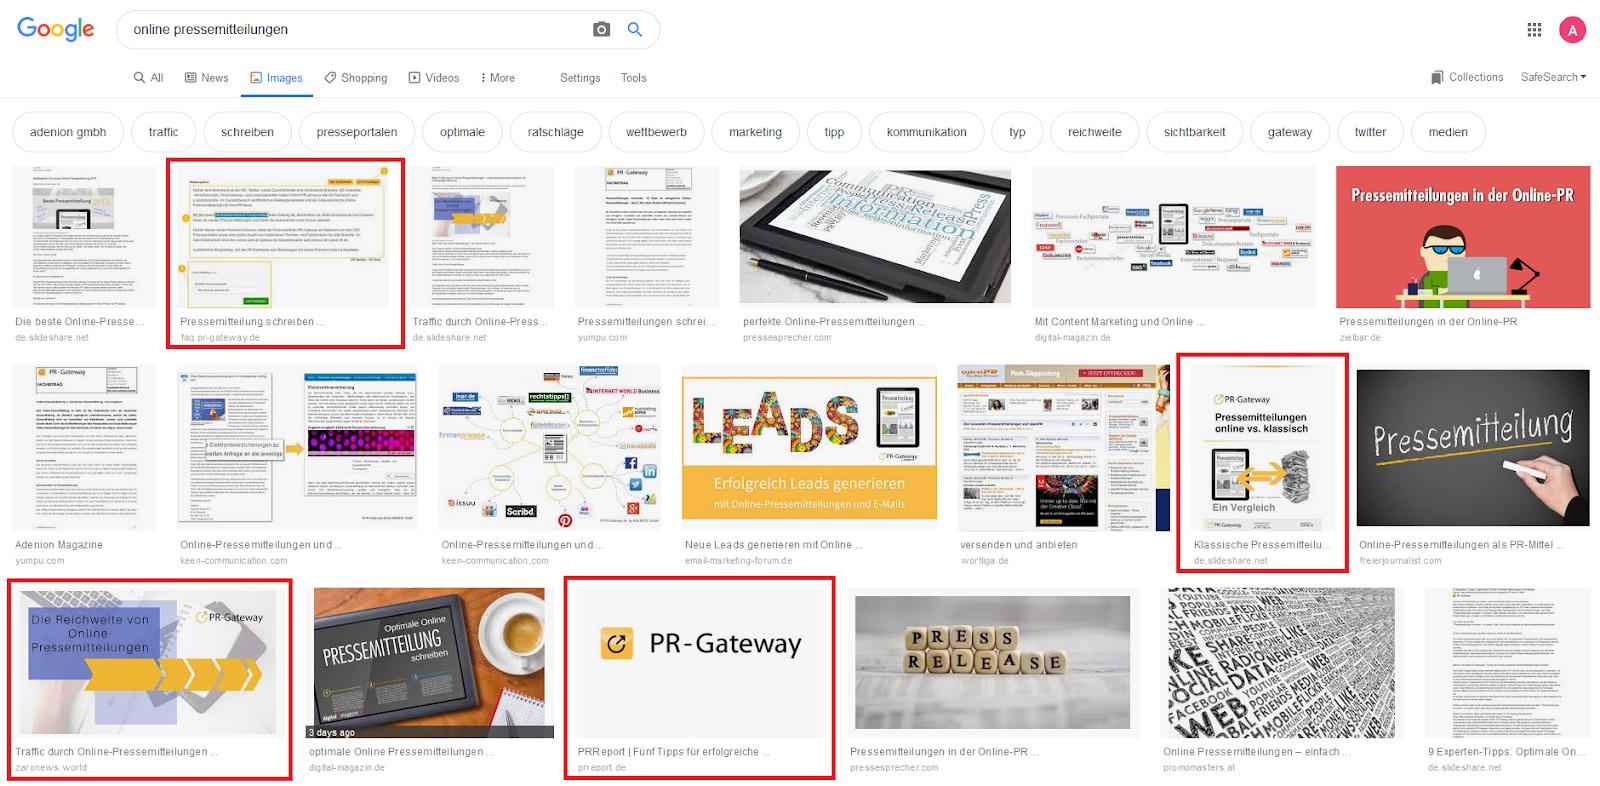 visuelle-pr-pressemitteilung-google-suche